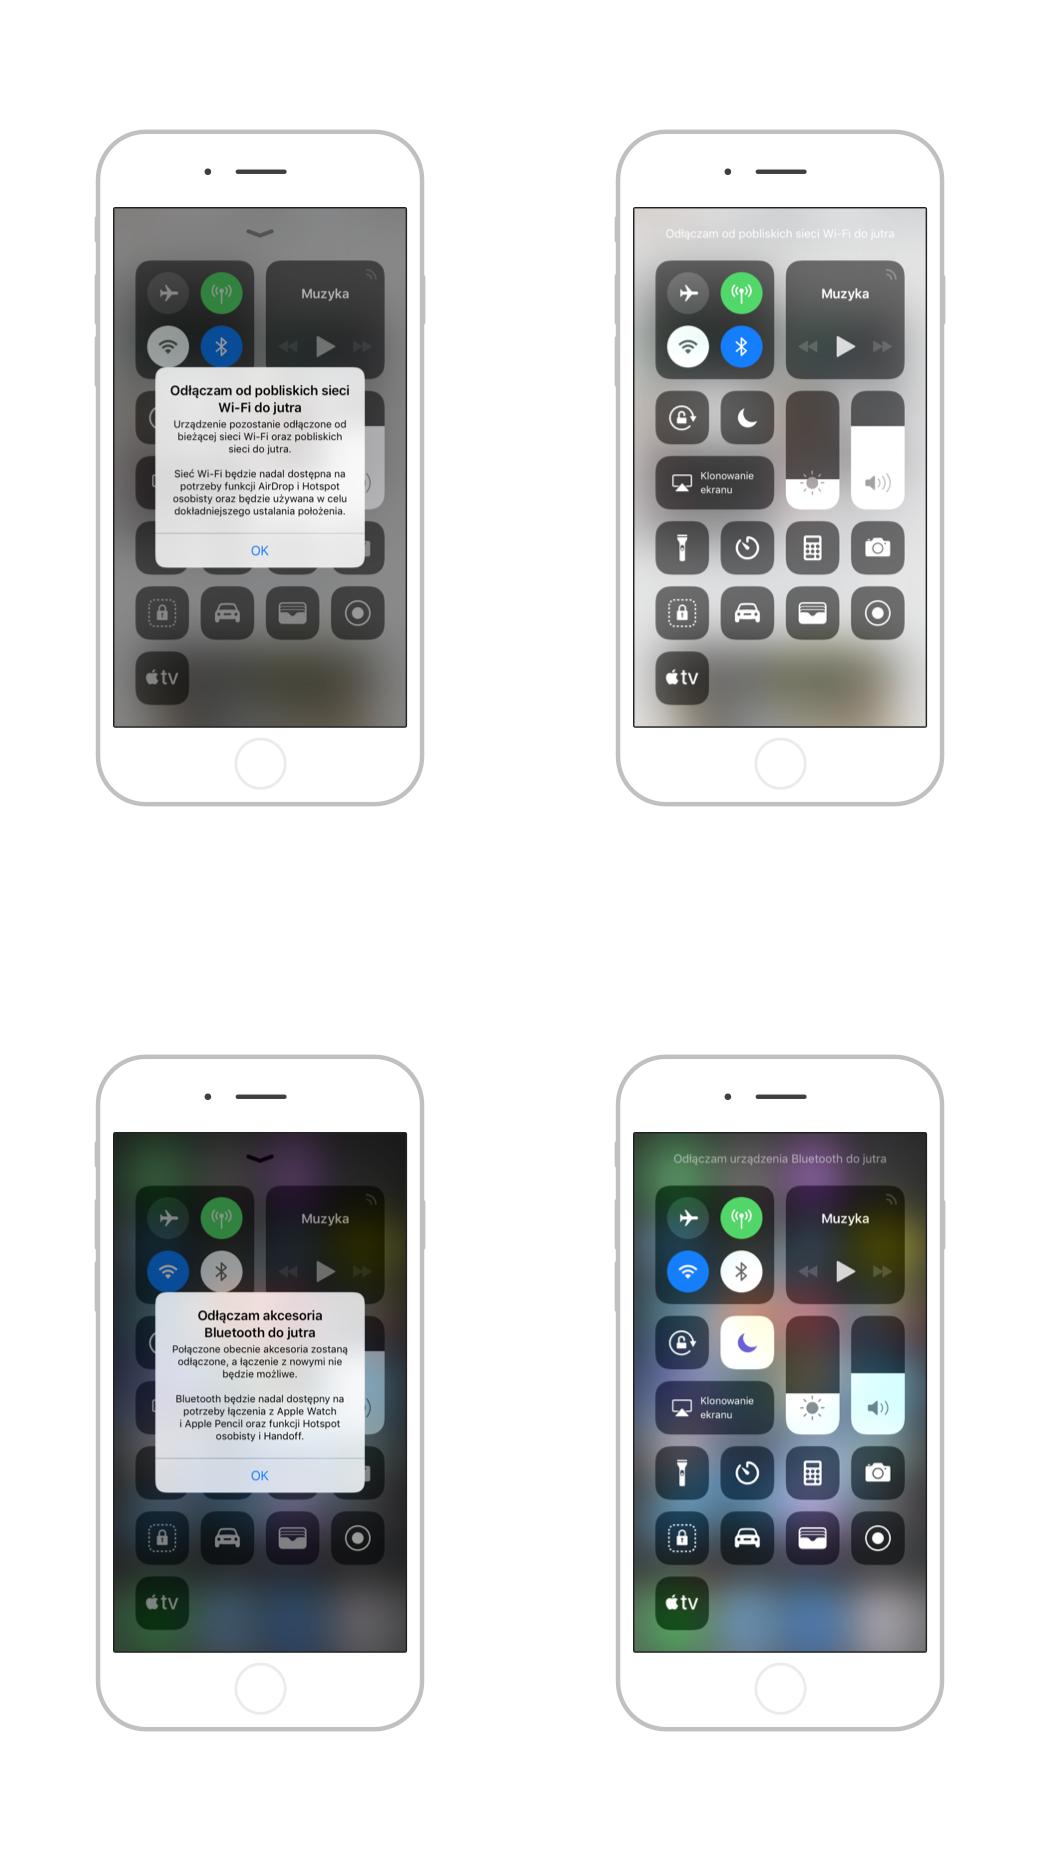 iOS 11.2 zmiana w przełączniku